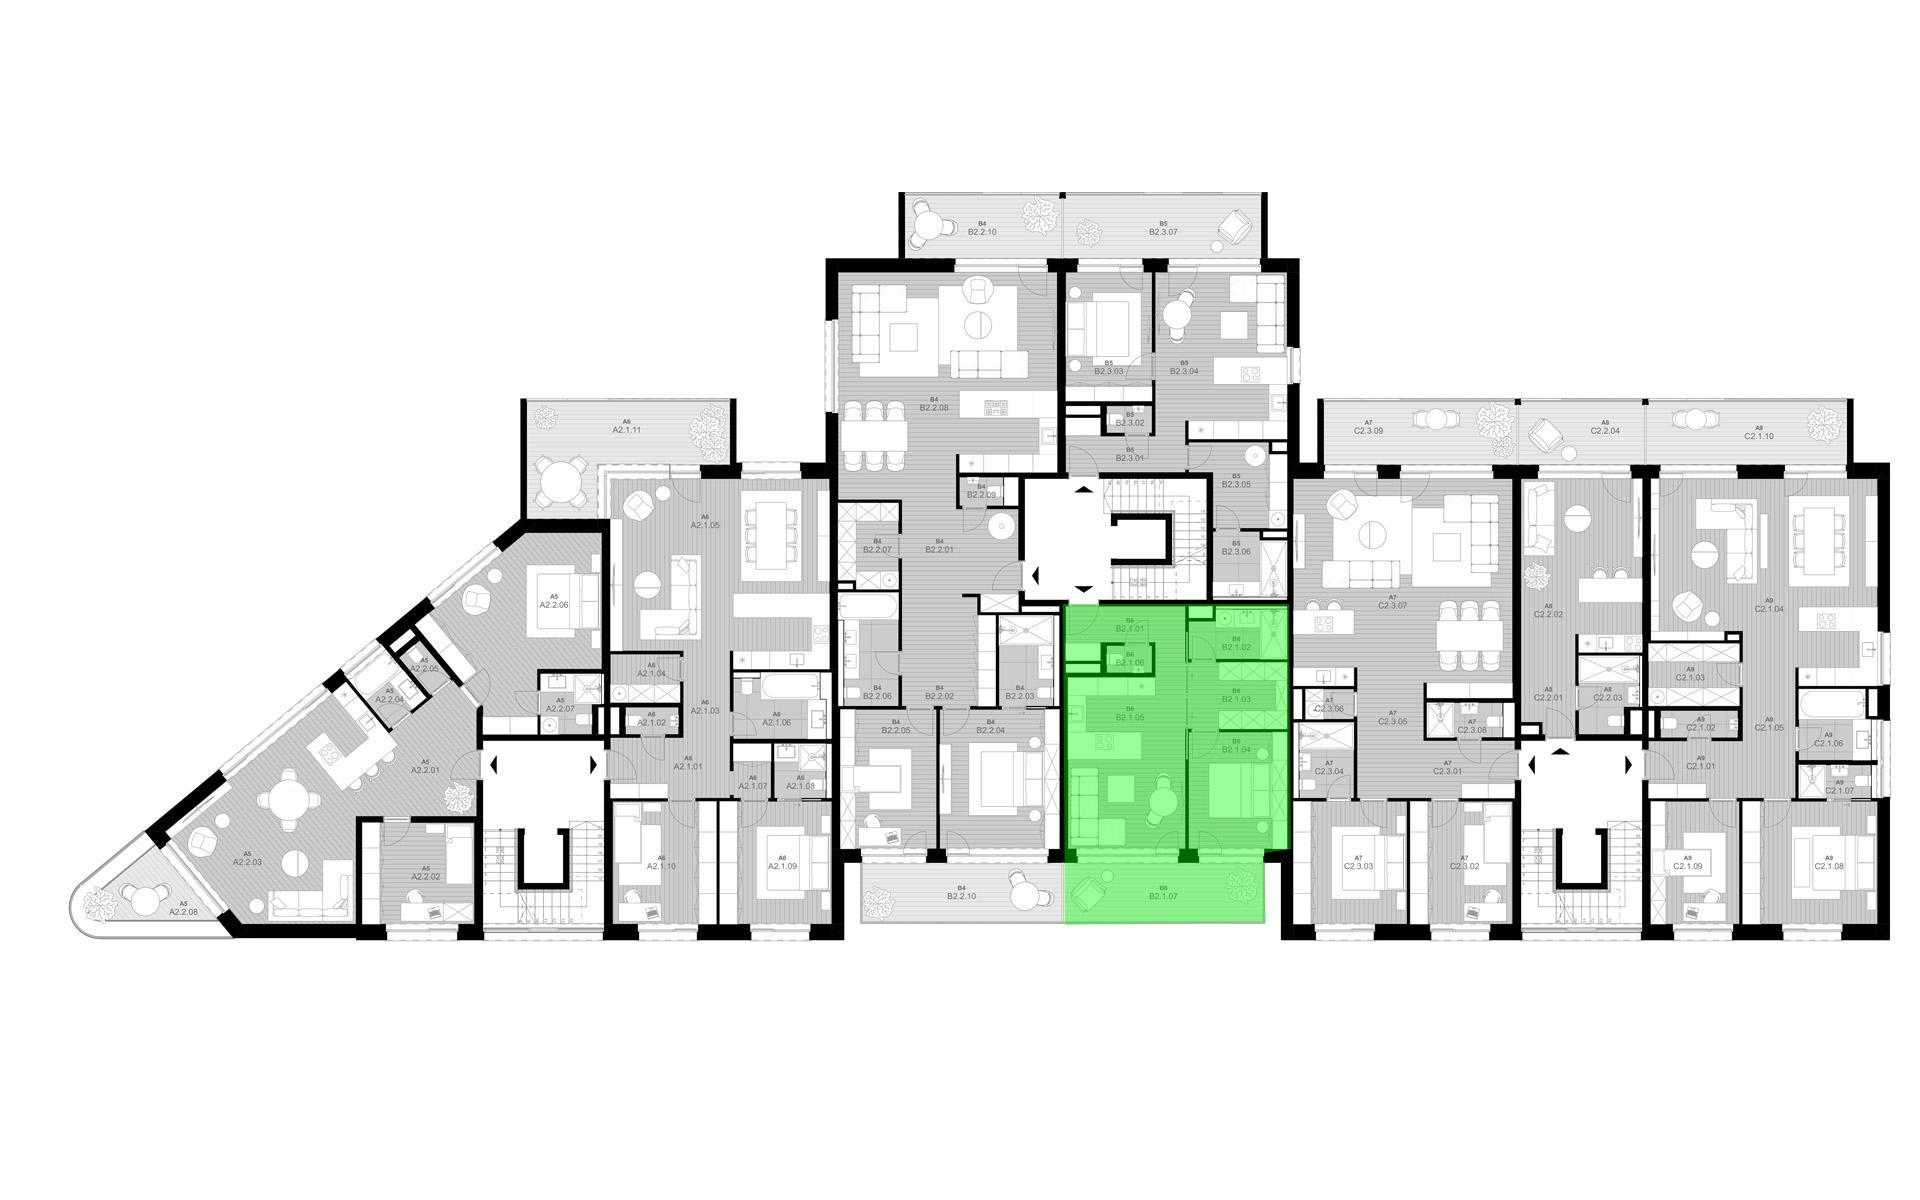 rezidencia K Železnej Studienke - pôdorys so zvýraznením bytu B2.1